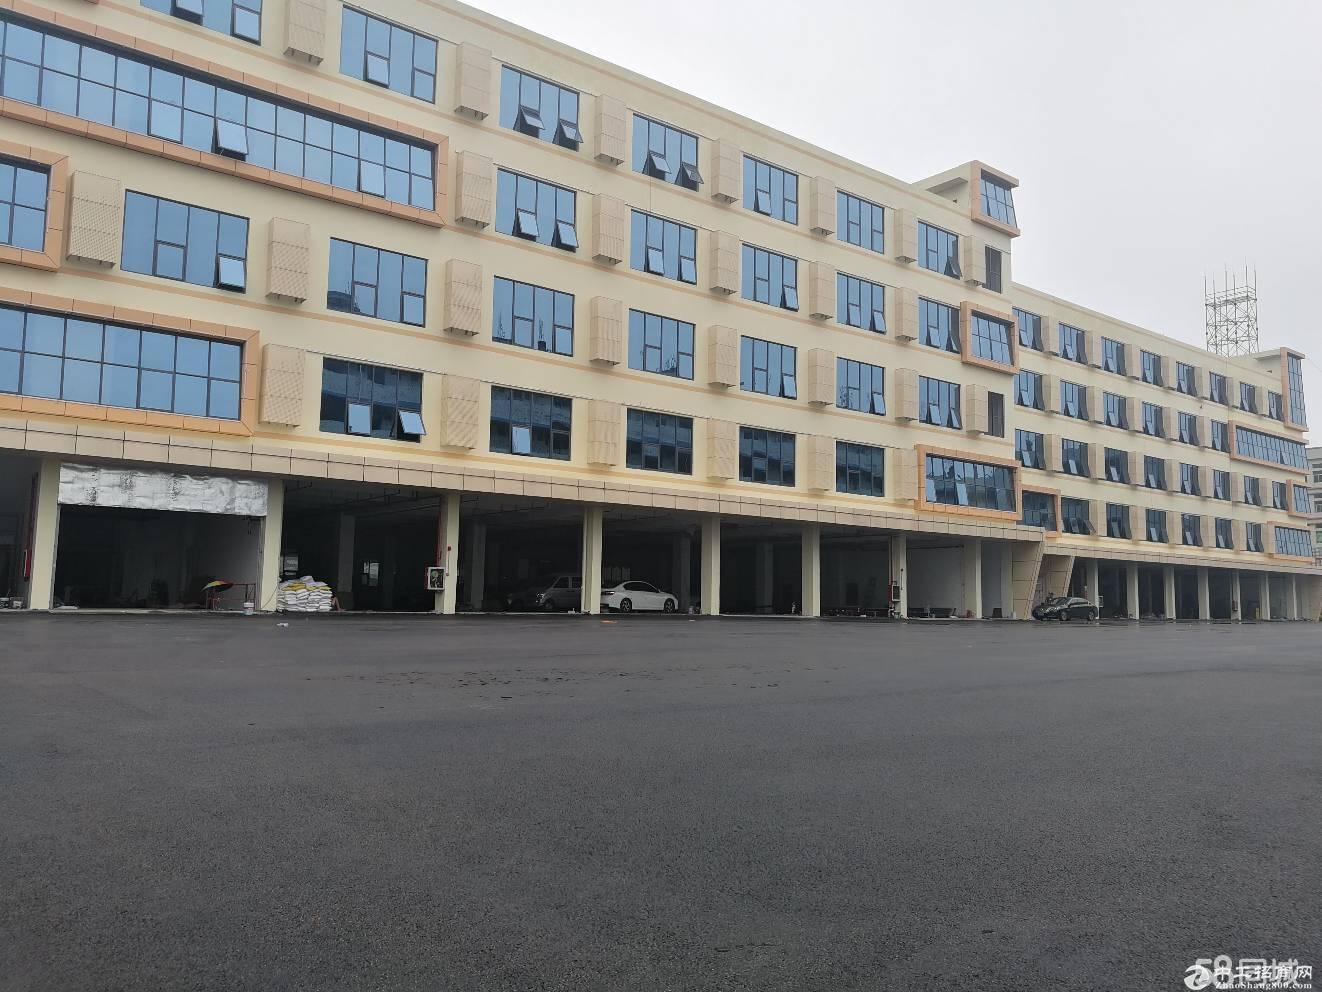 丹竹头地铁站附近独院独栋600平一楼厂房招租